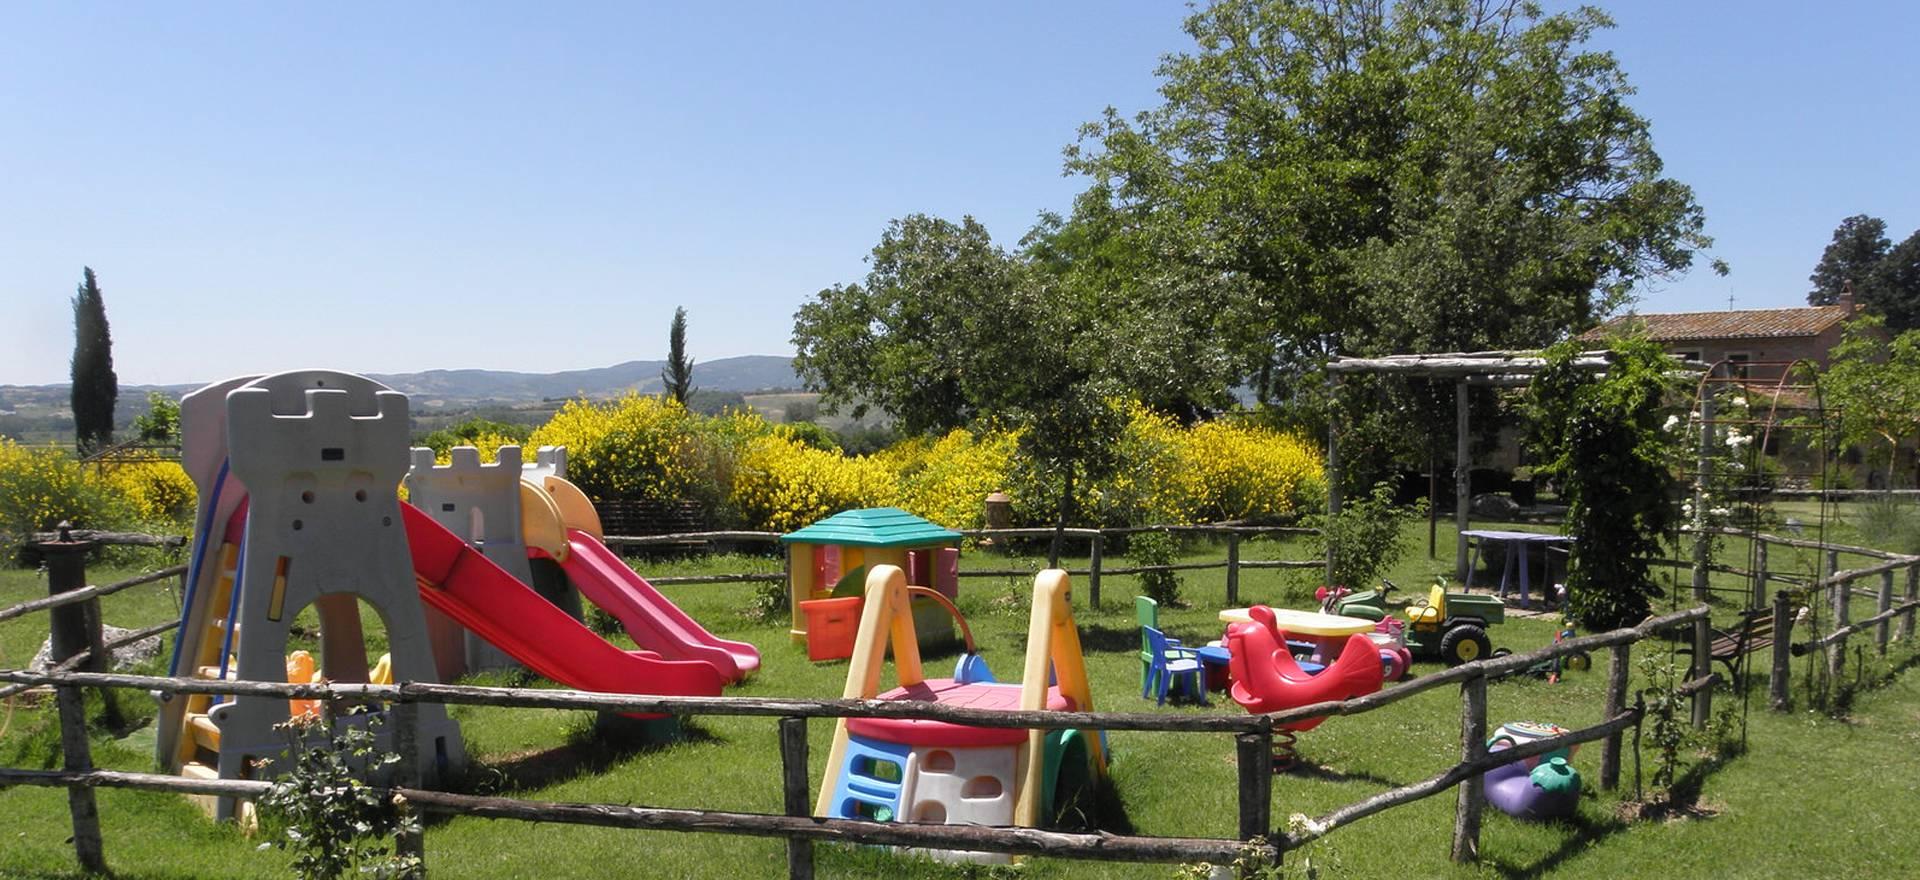 Agriturismo Umbrie Gezellige en kindvriendelijke agriturismo in Umbrie